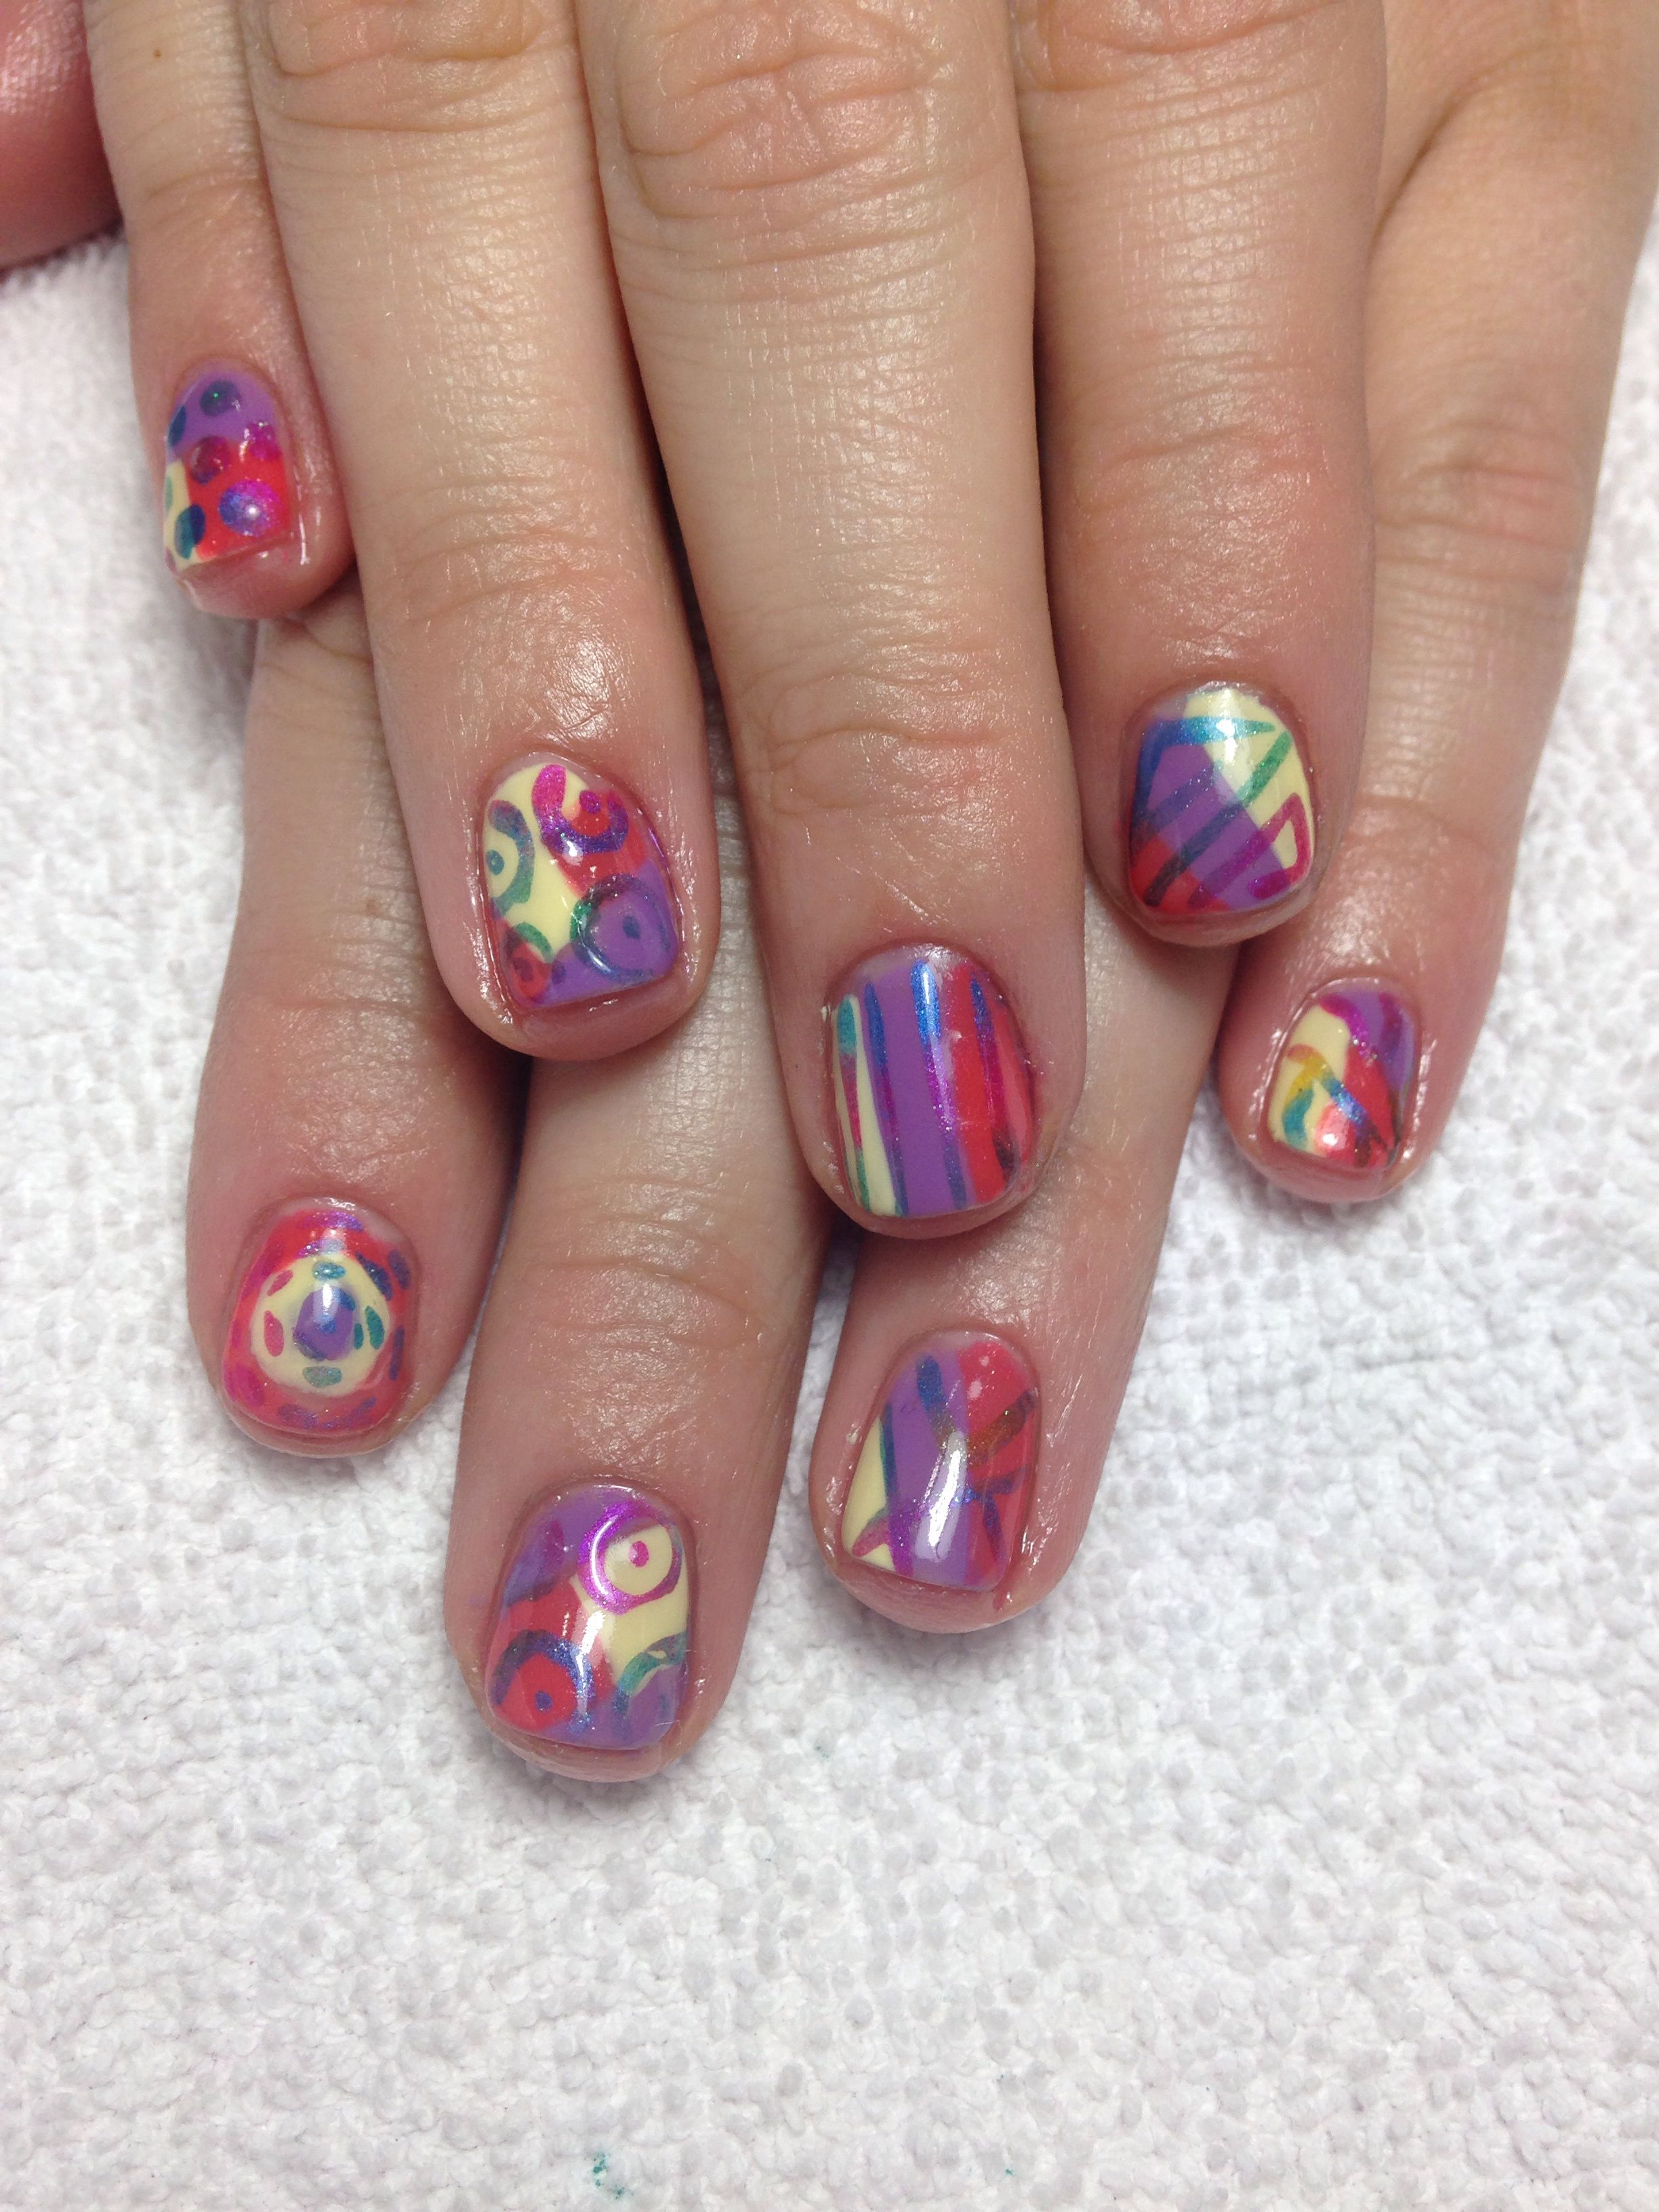 Shellac Nail Art With Cnd Additives Spring Nail Art My Nail Art